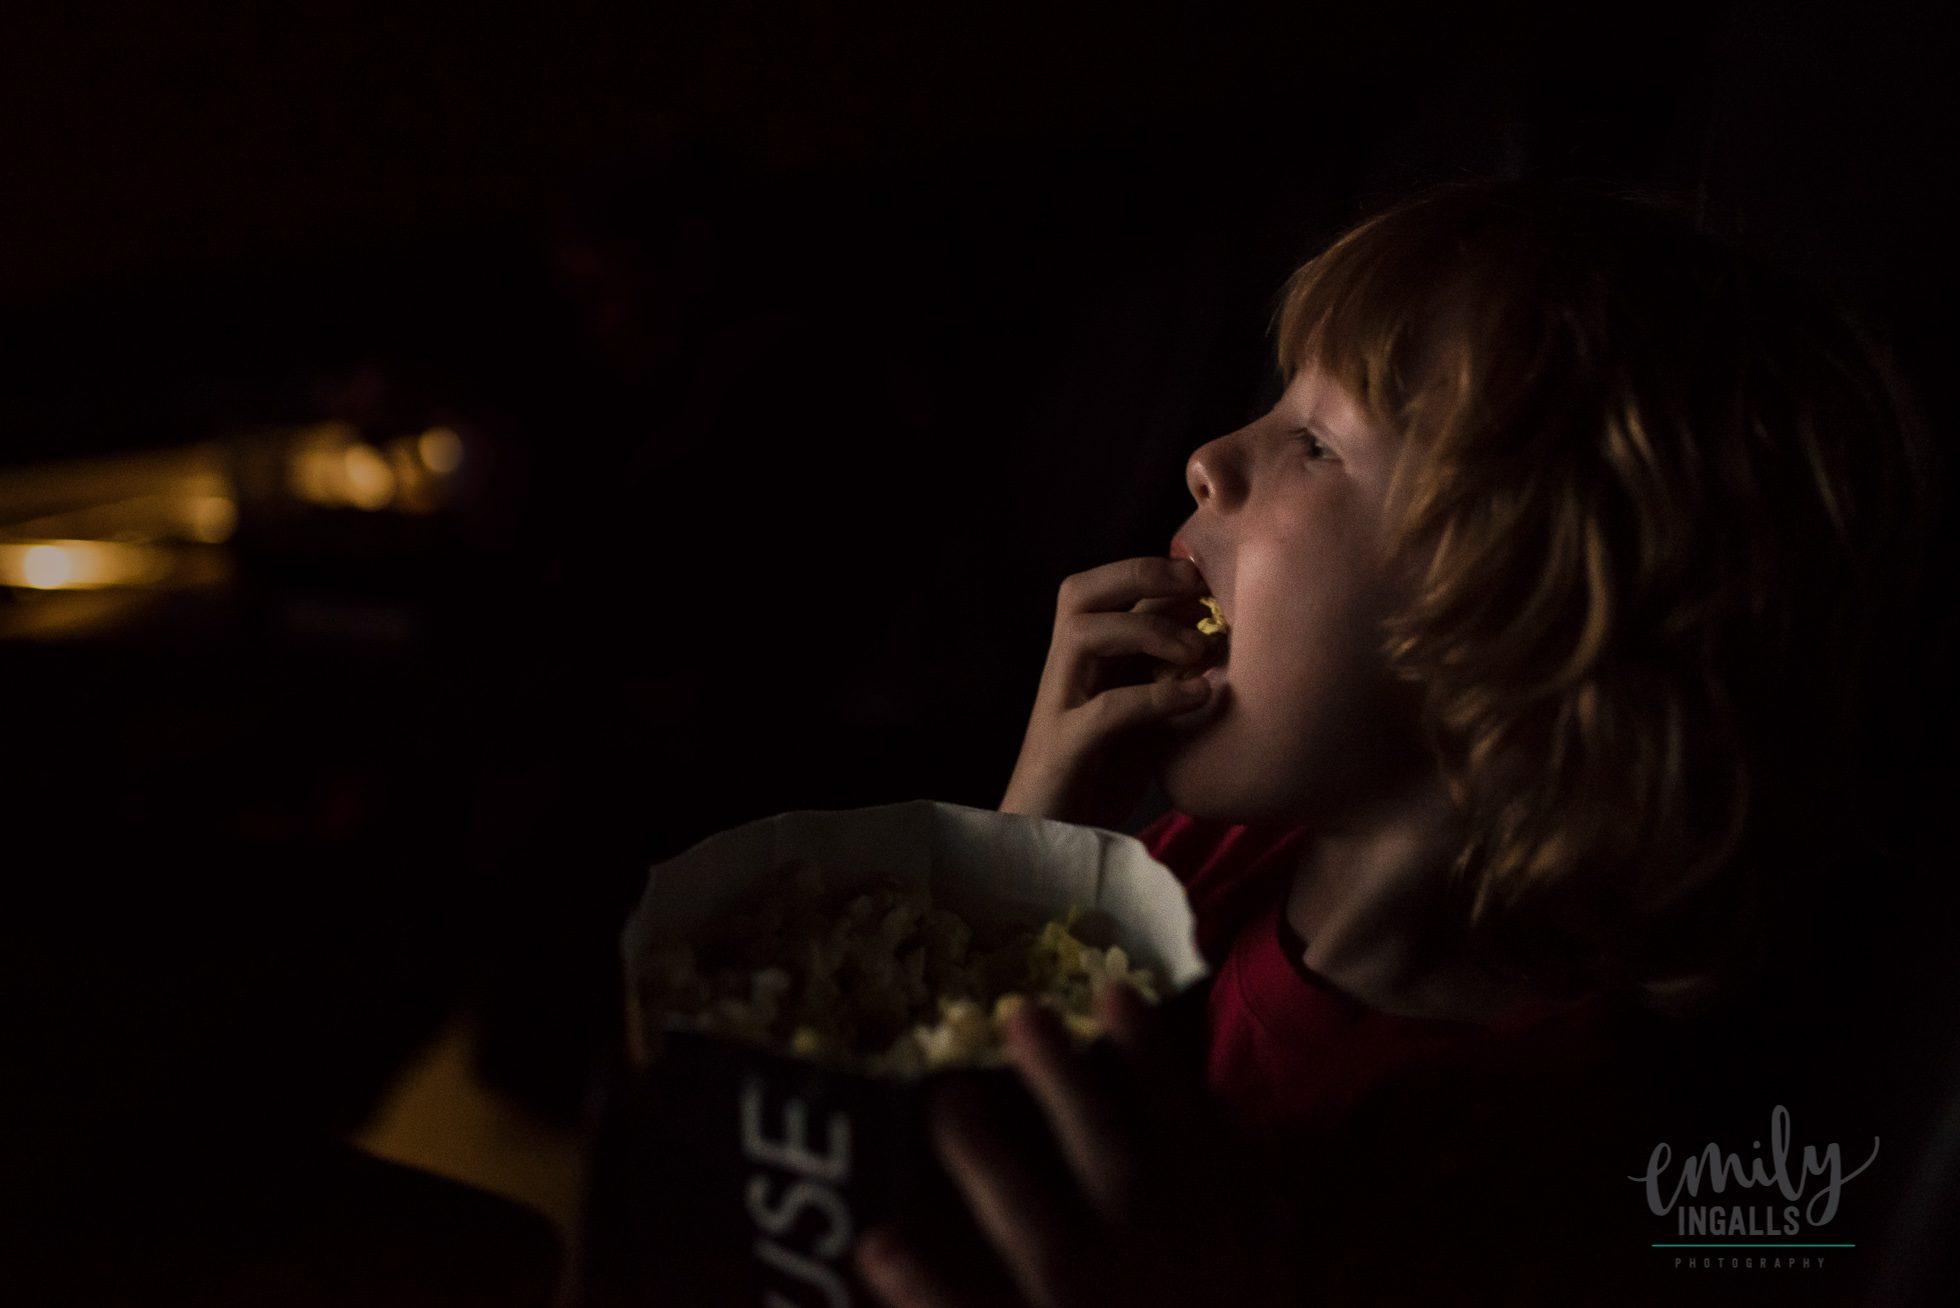 Mmmm Popcorn